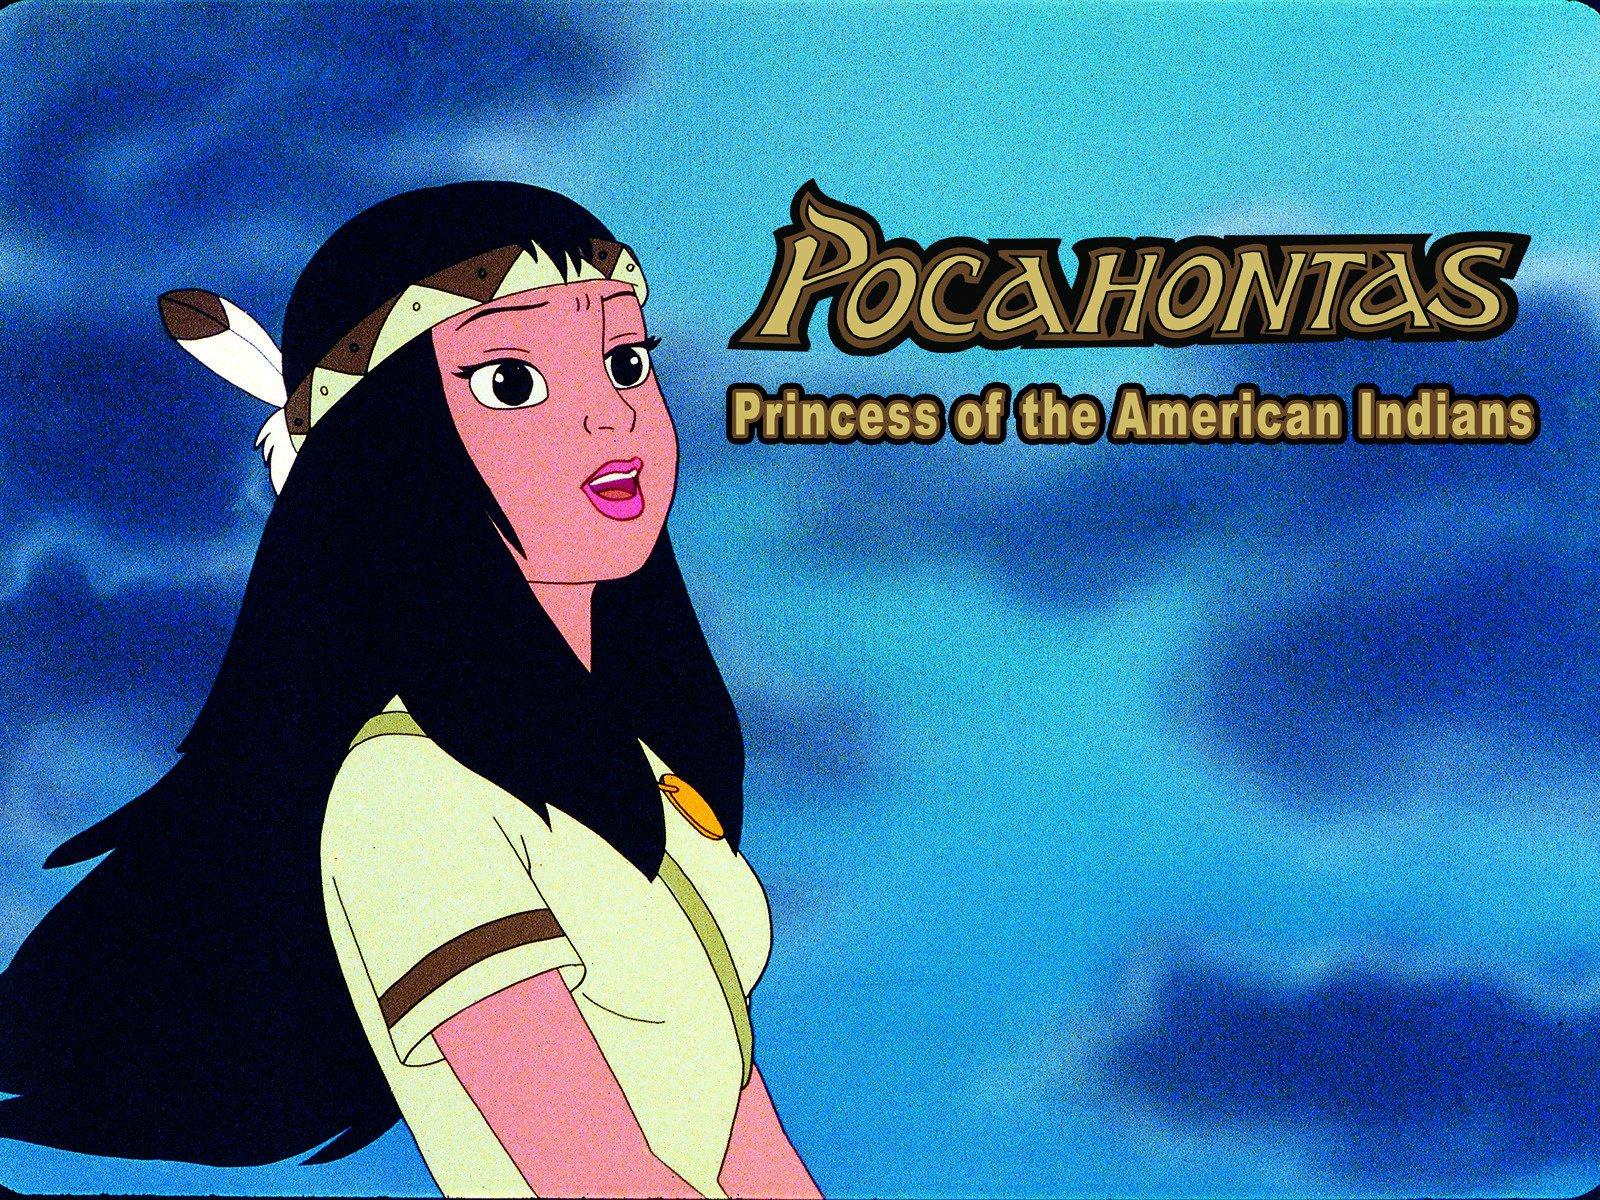 Pocahontas: princesa de los indios americanos Serie Completa Latino Por Mega